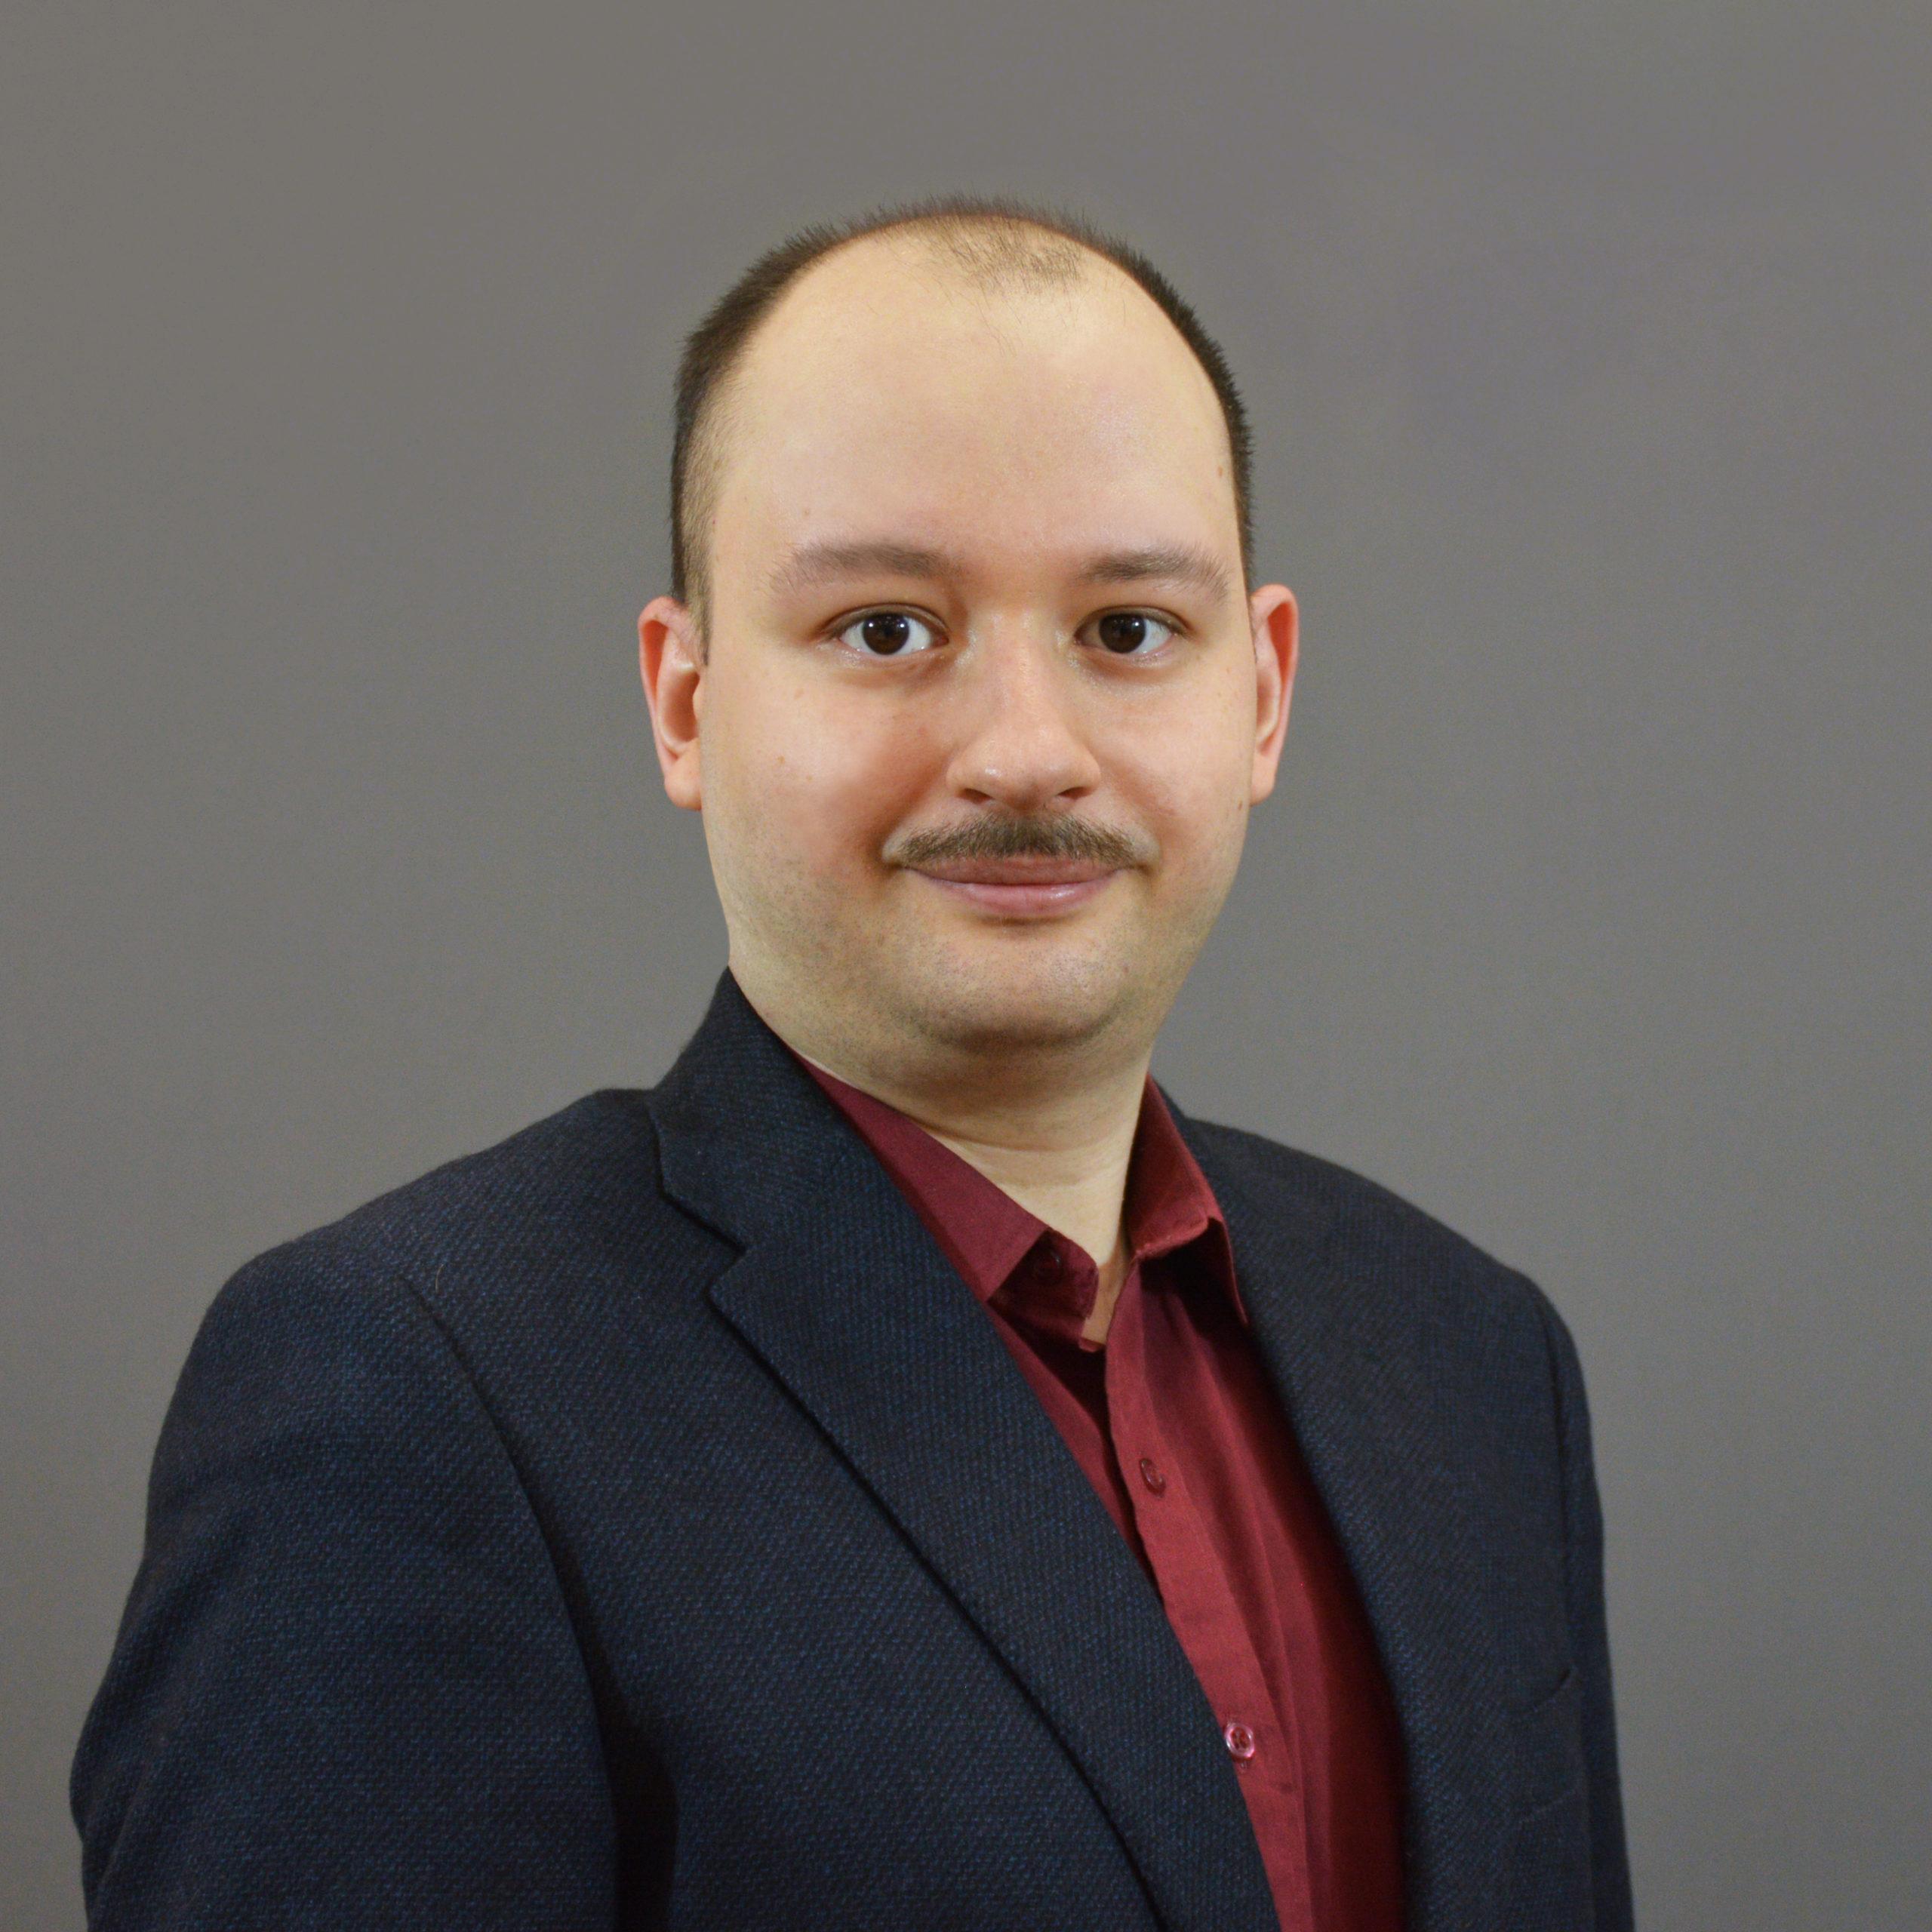 Осин Владимир Владимирович